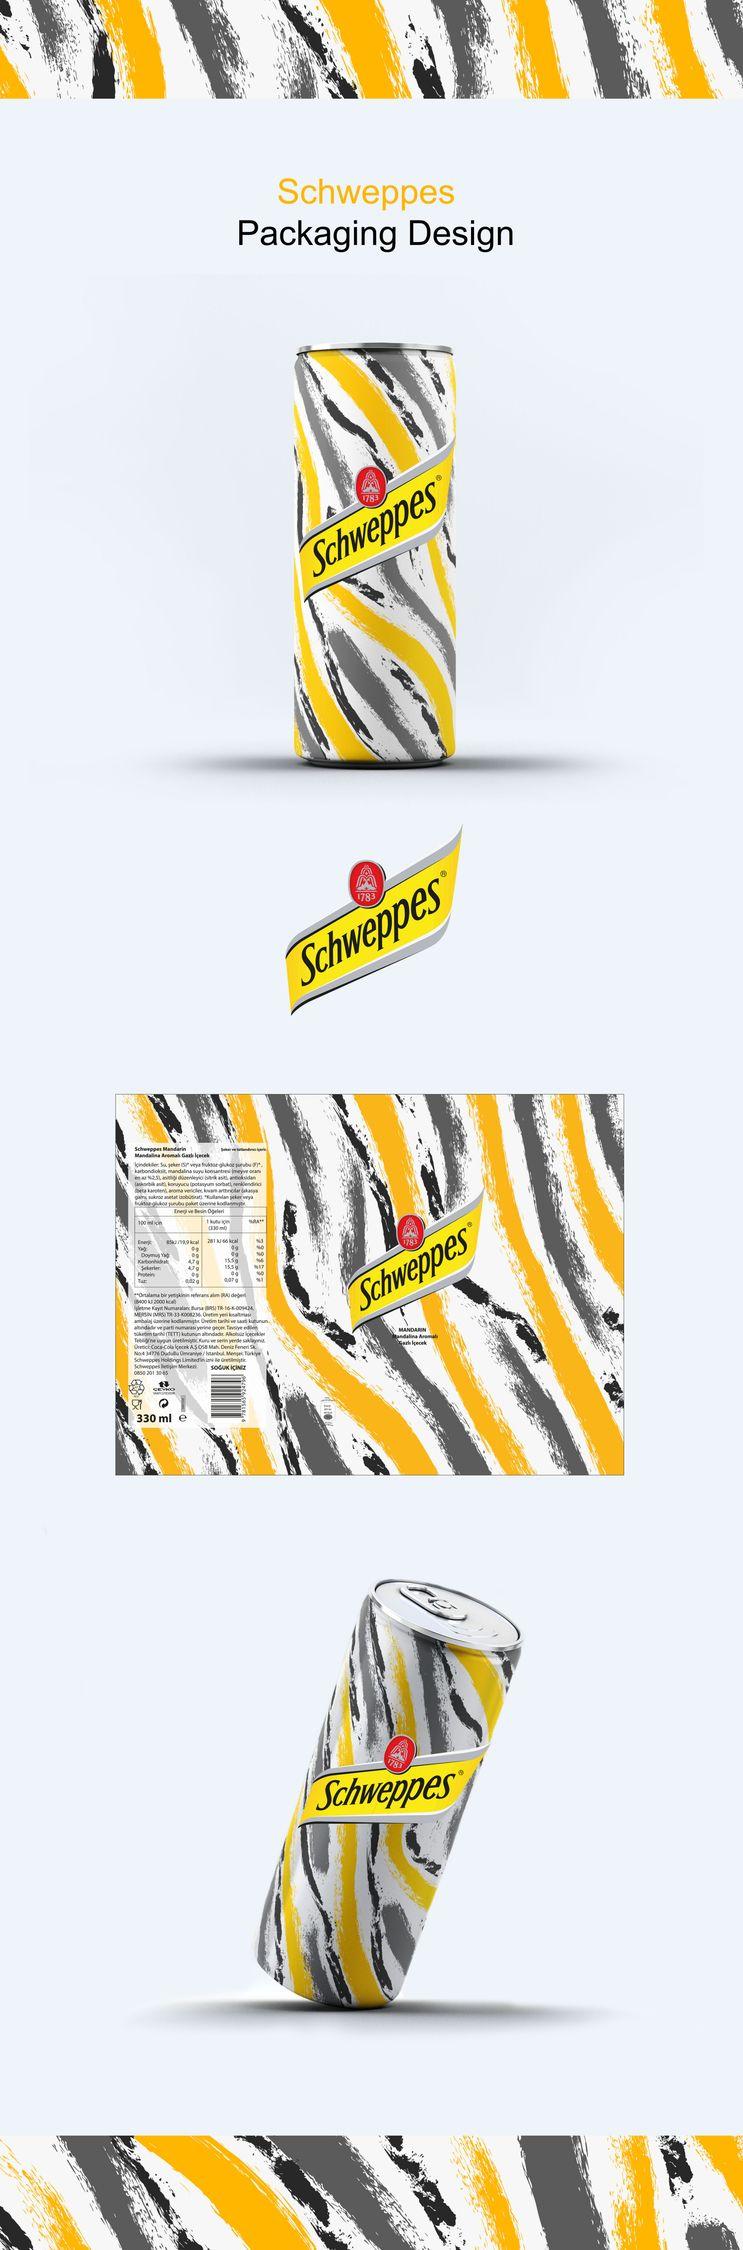 Schweppes Packaging Design - rabiaulutas | ello